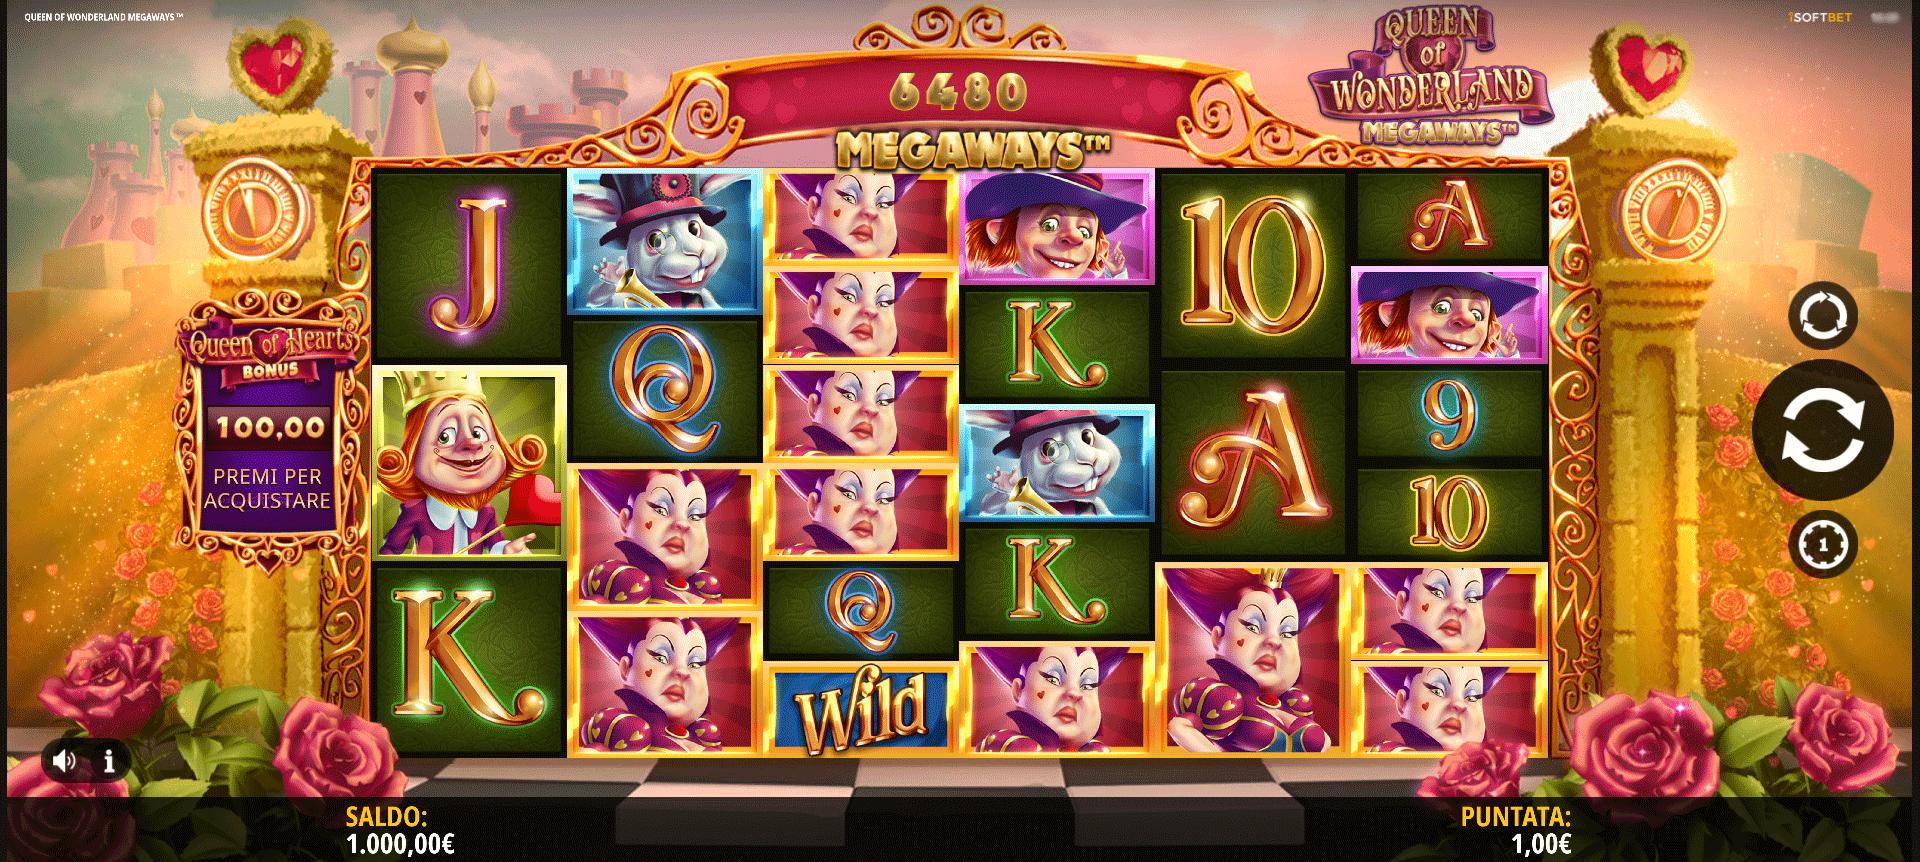 Slot Queen of Wonderland Megaways